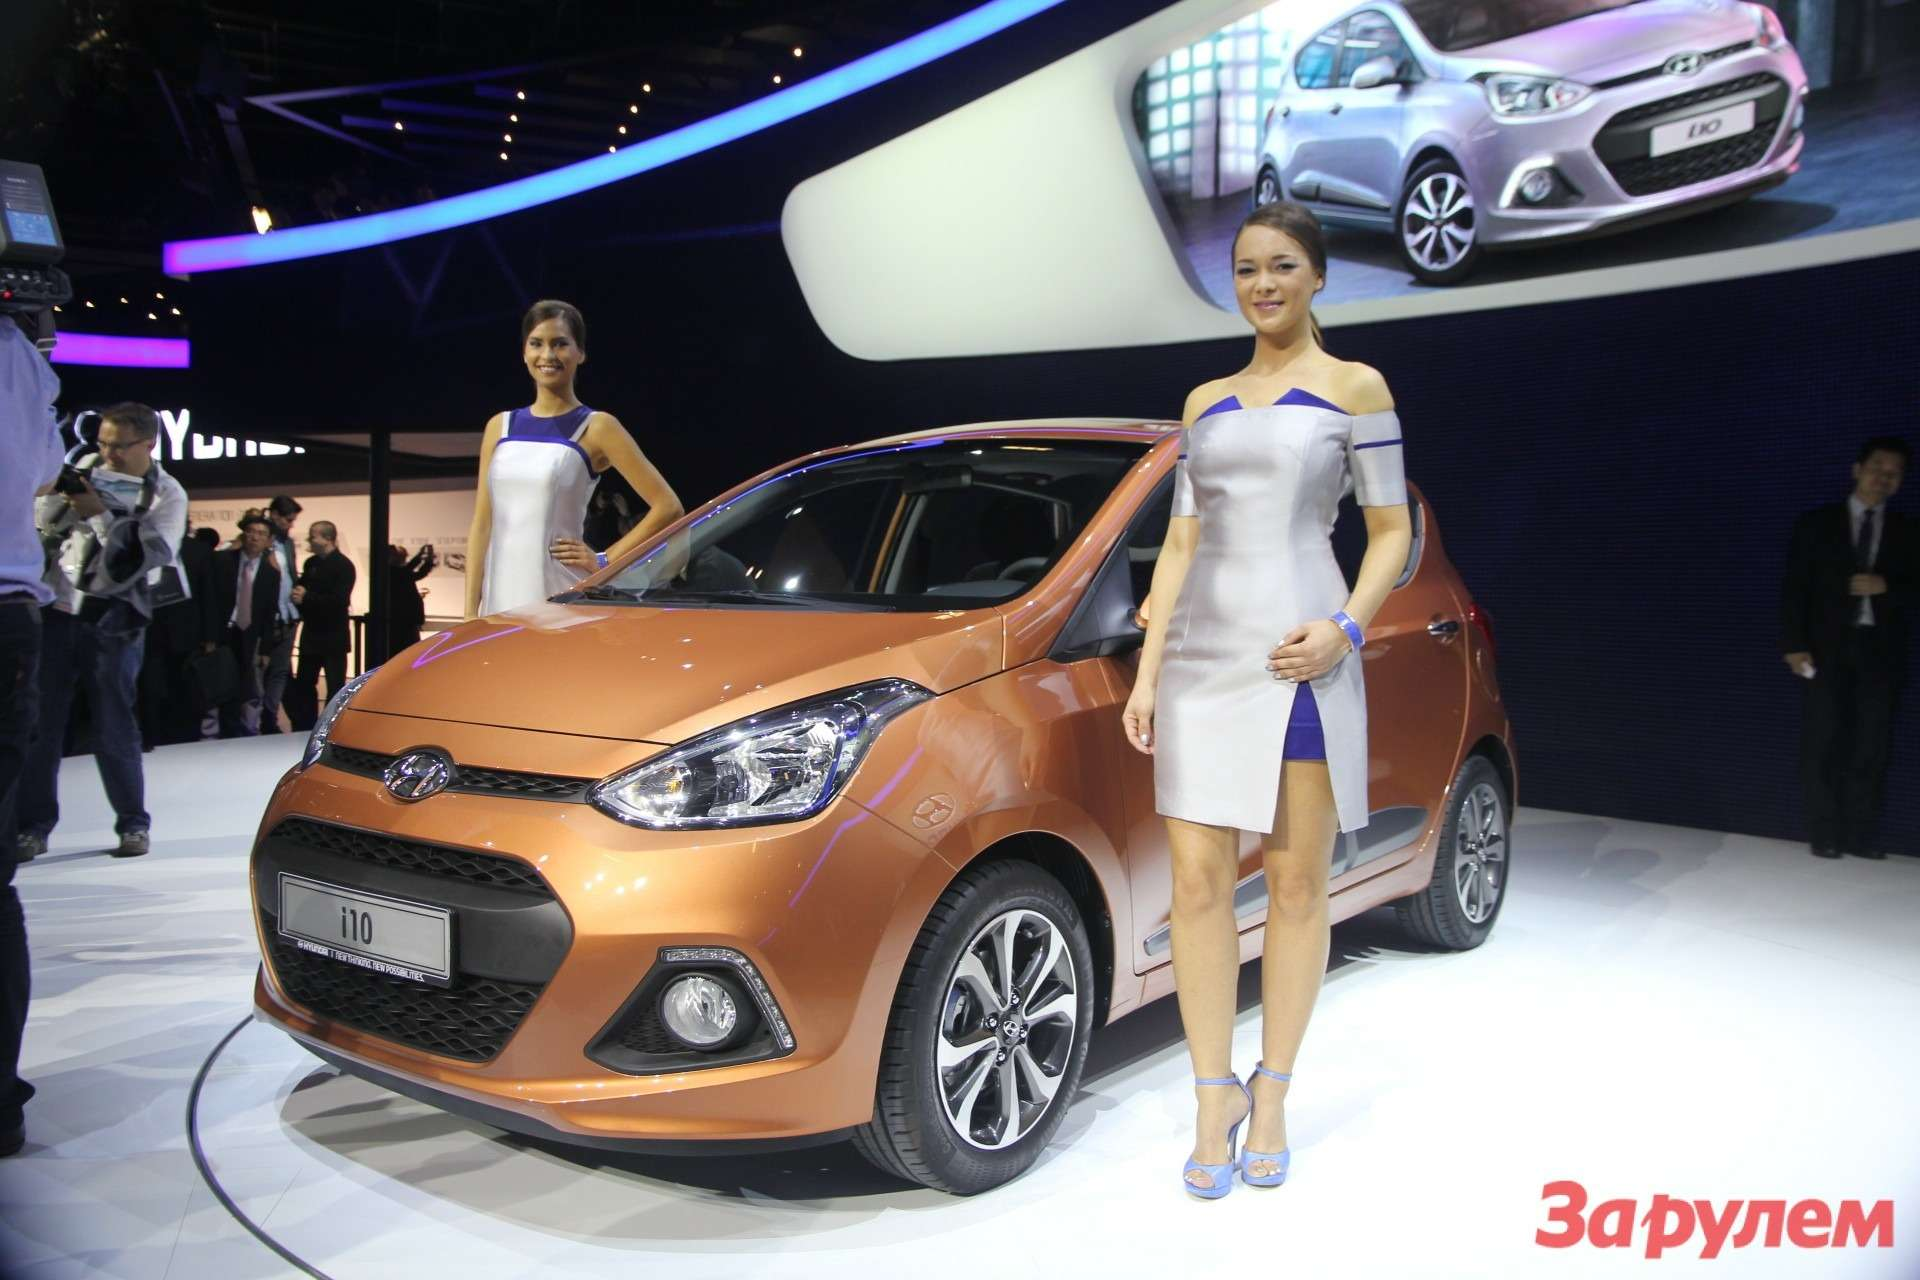 Hyundai 110